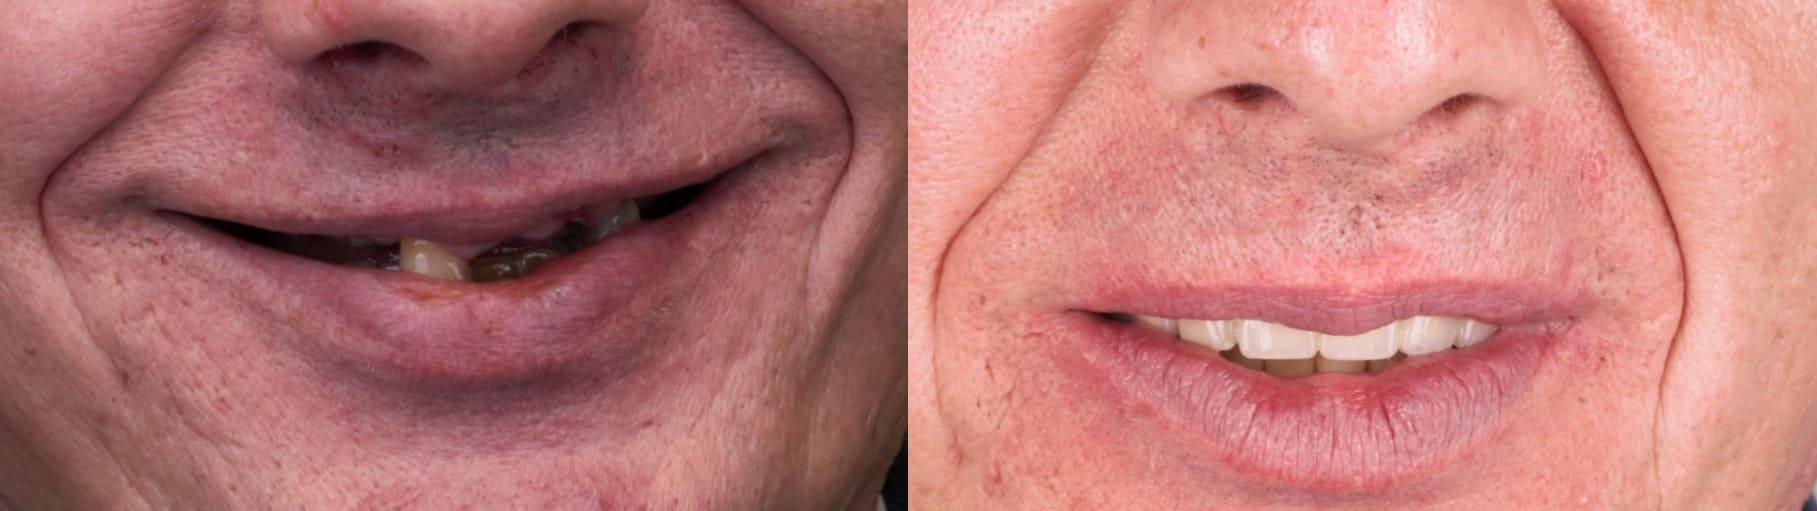 До и после стоматологического лечения